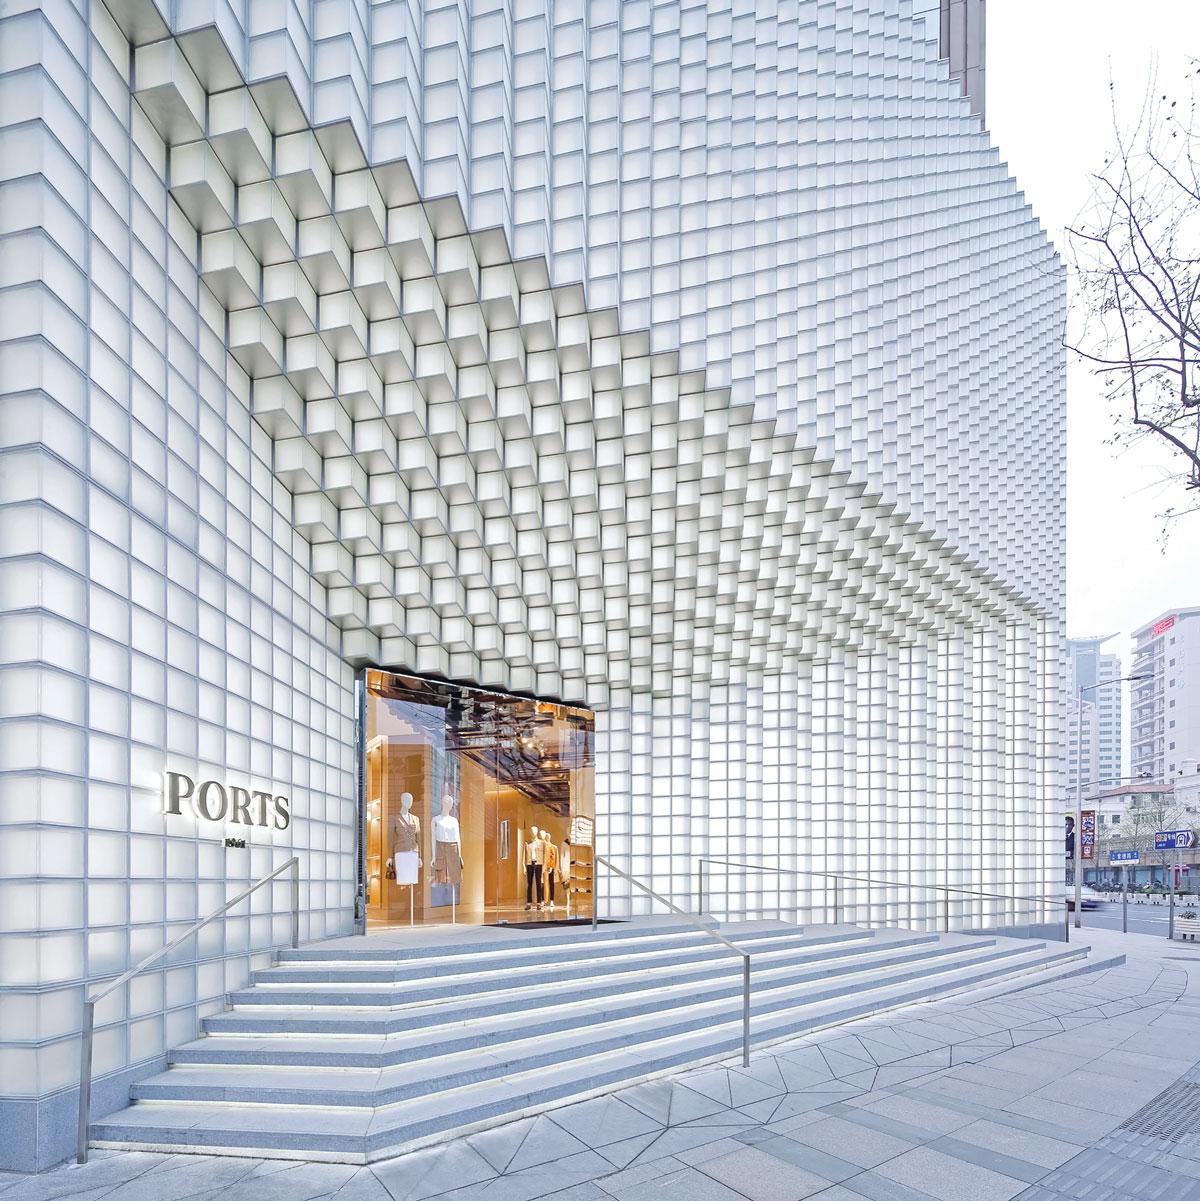 Moderna arhitektura, fasade